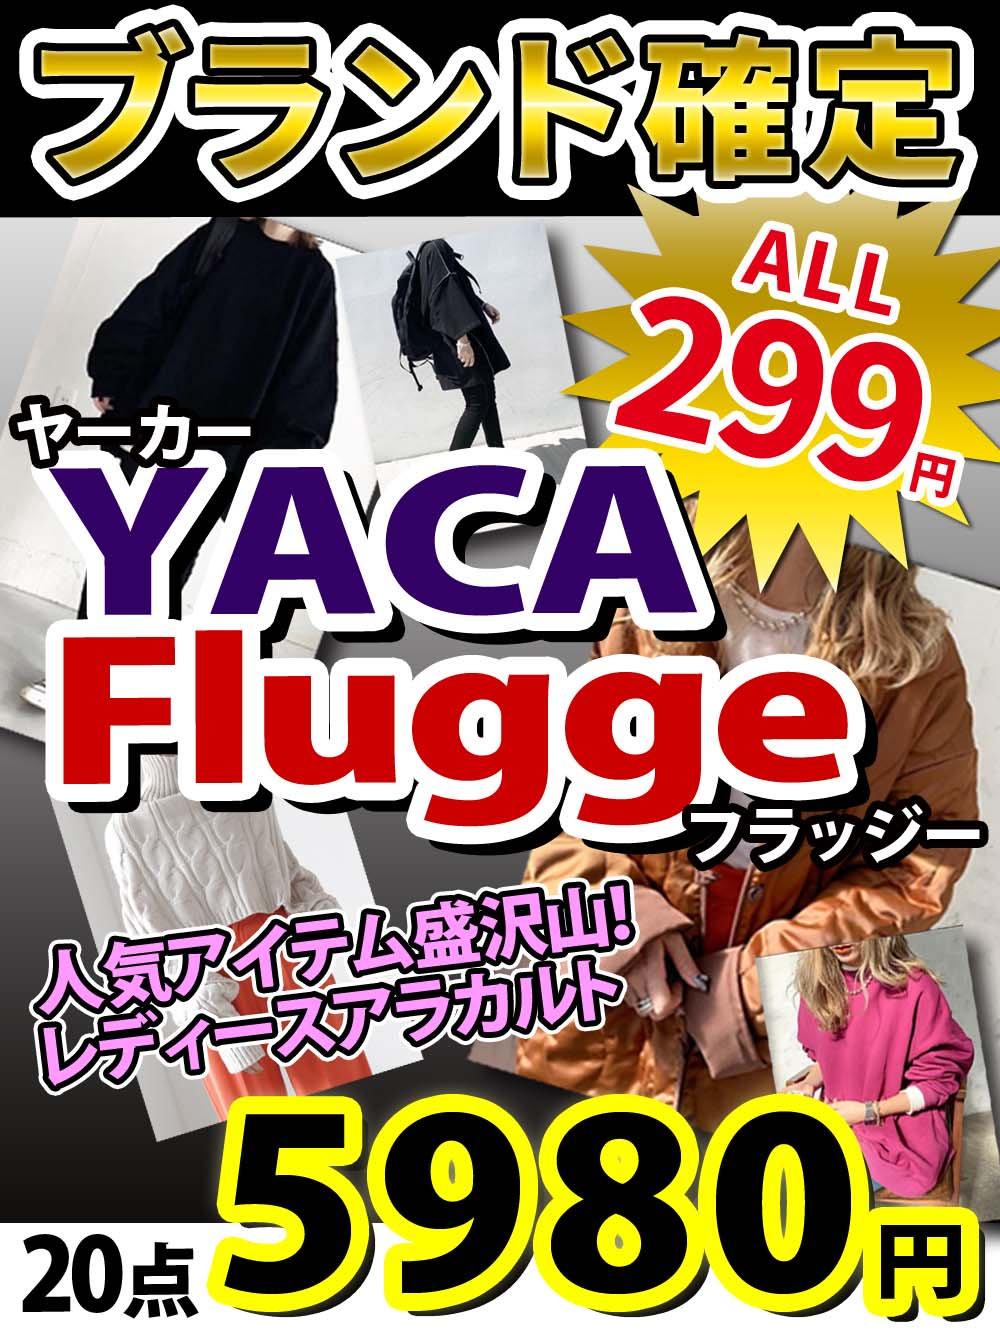 【ブランド確定】YACAヤーカ、Fluggeフラッジー人気アイテム盛沢山!レディースアラカルト【20点】@299